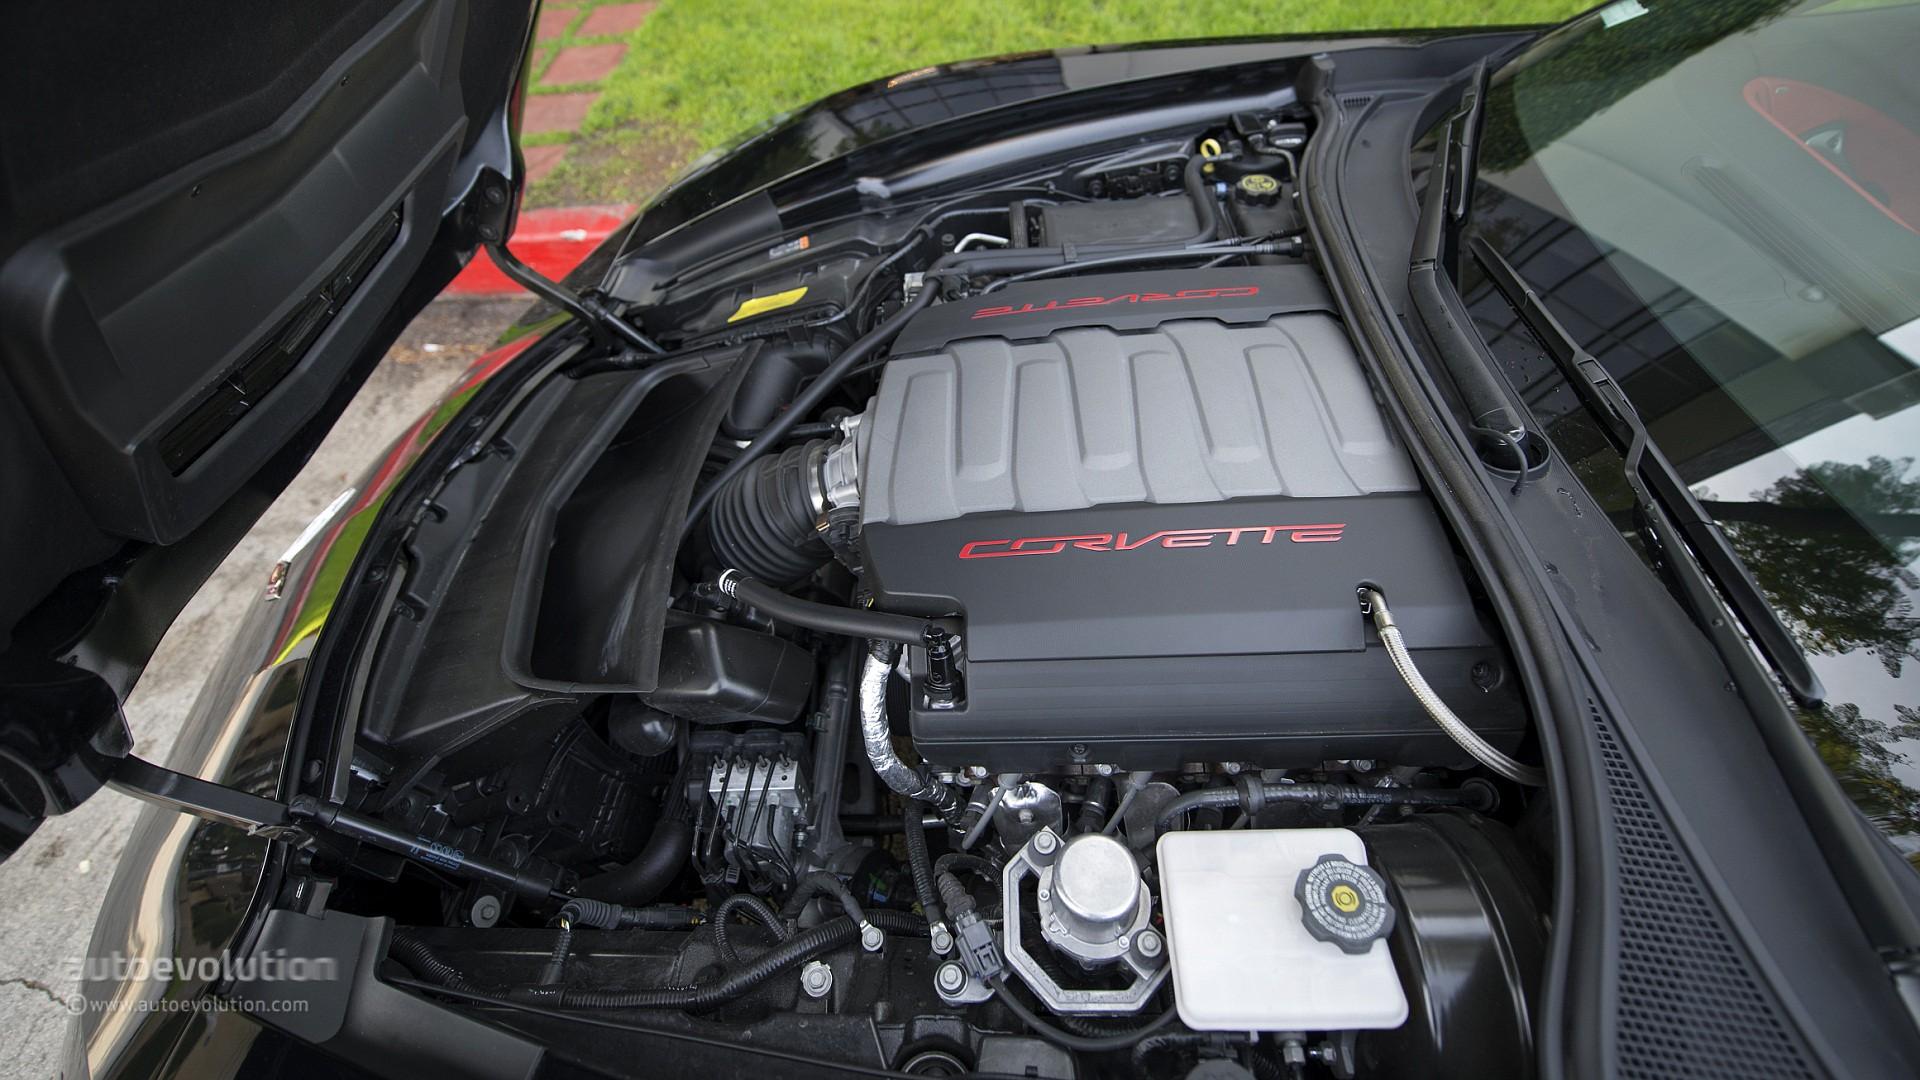 Little Known Facts About the C7 Corvette - autoevolution